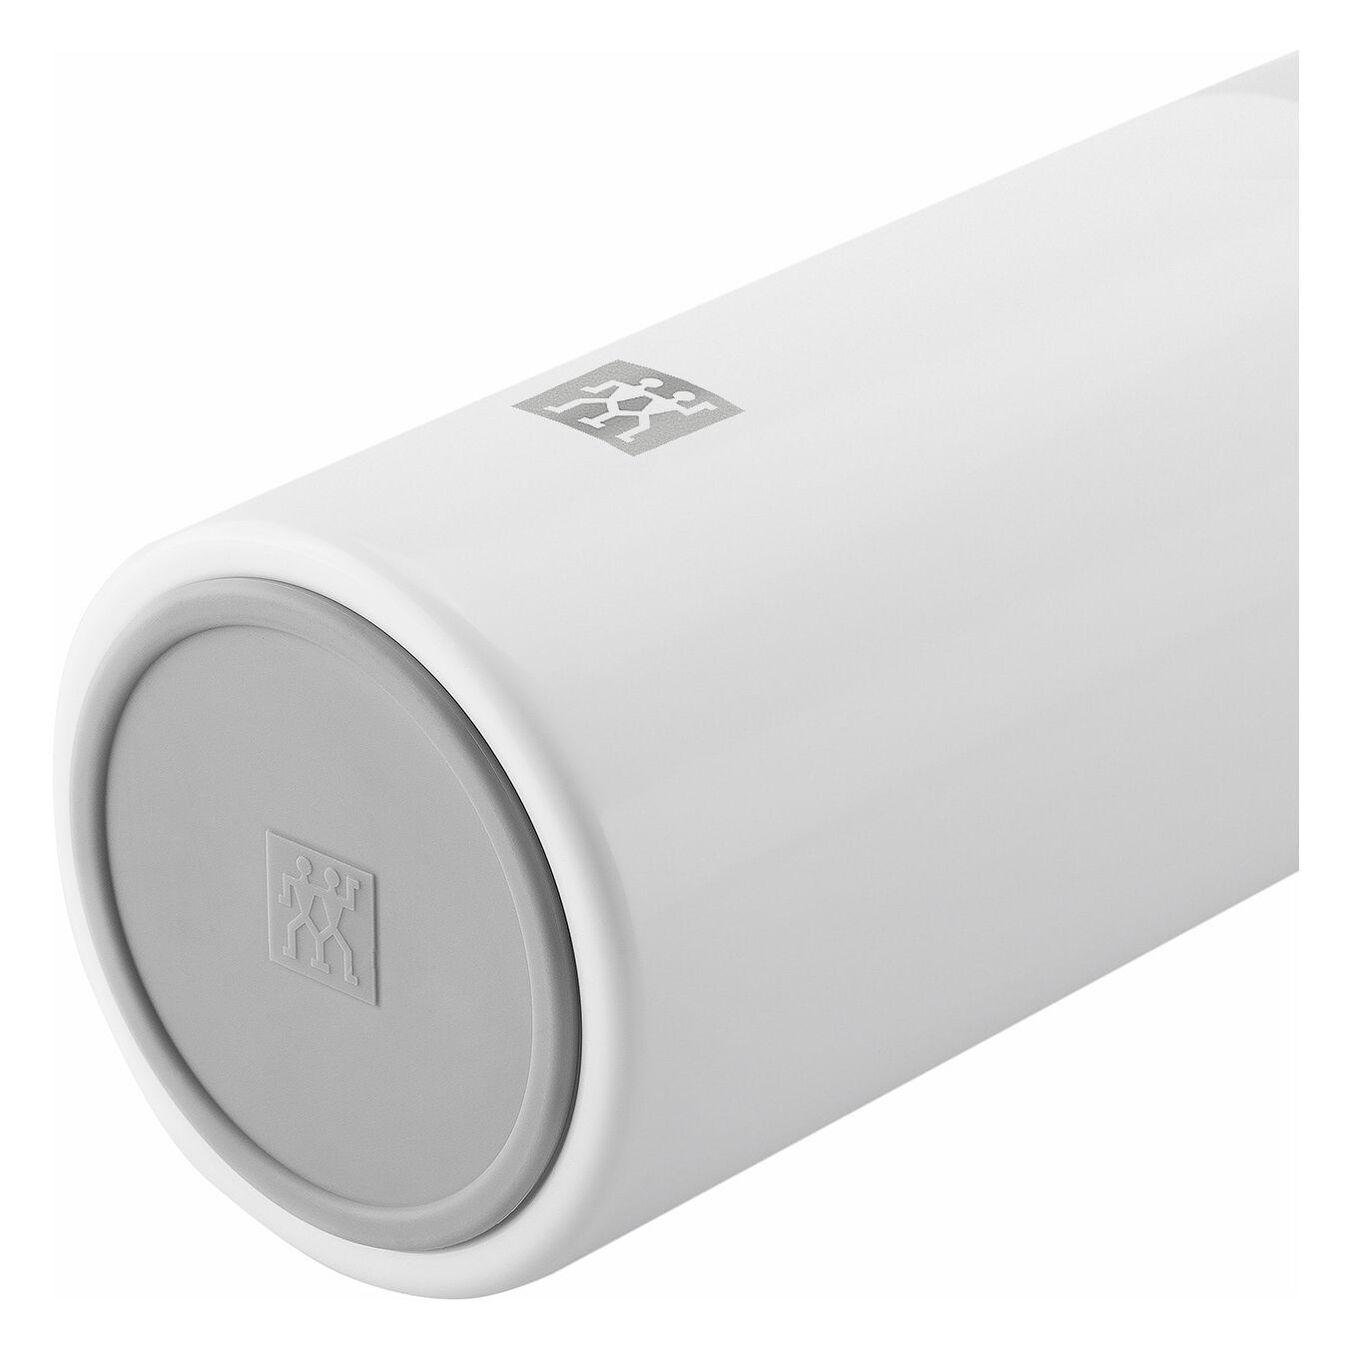 Thermos - 420 ml, acciaio inox, bianco,,large 5